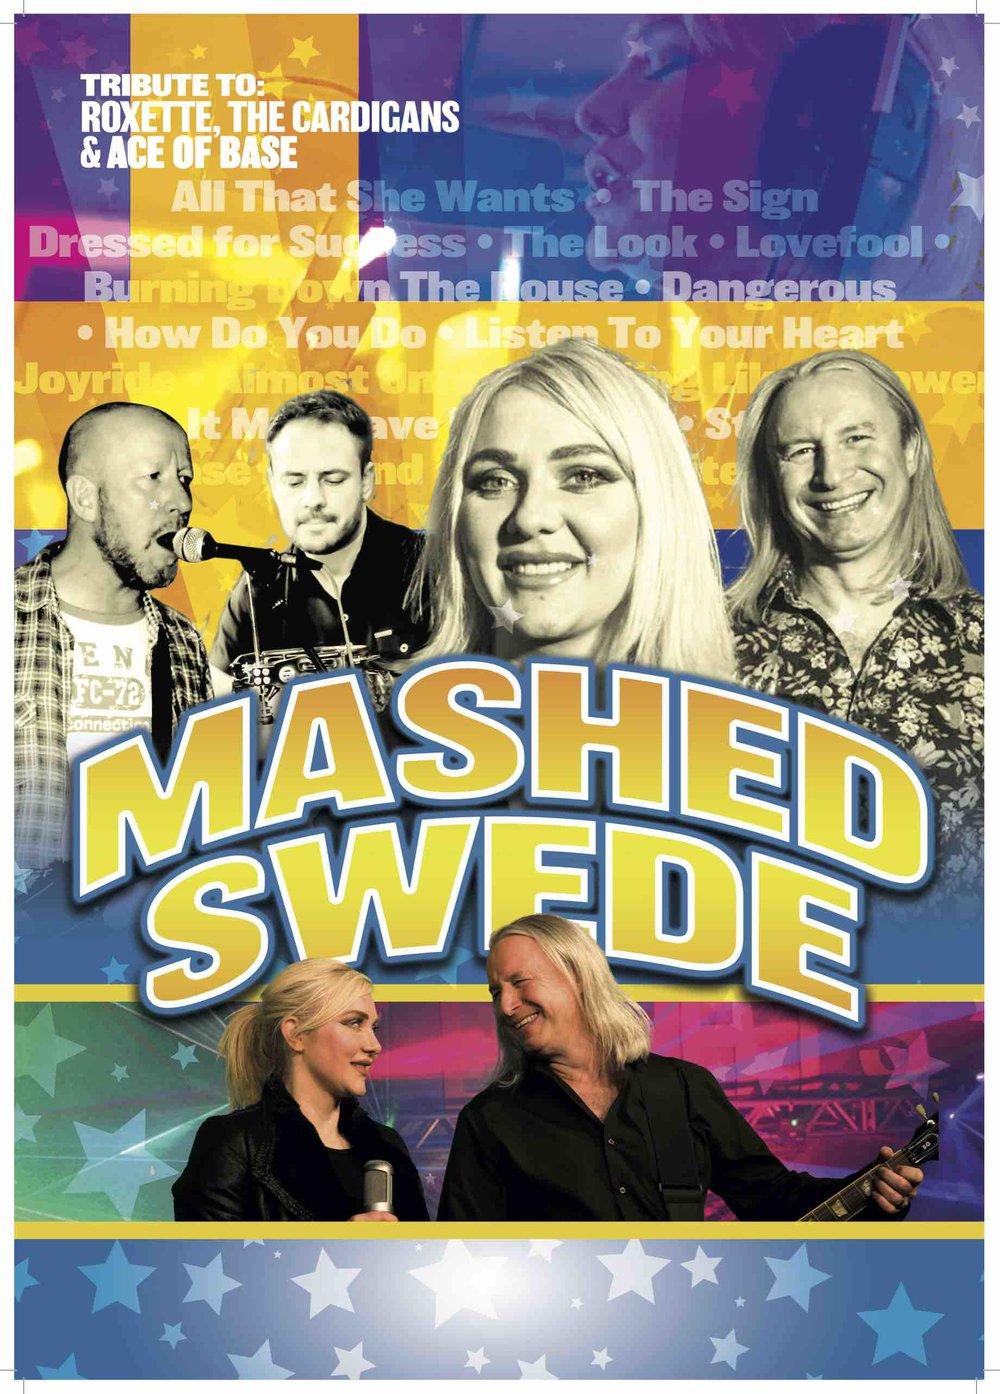 Mashed Swede xsp.co.uk.jpg